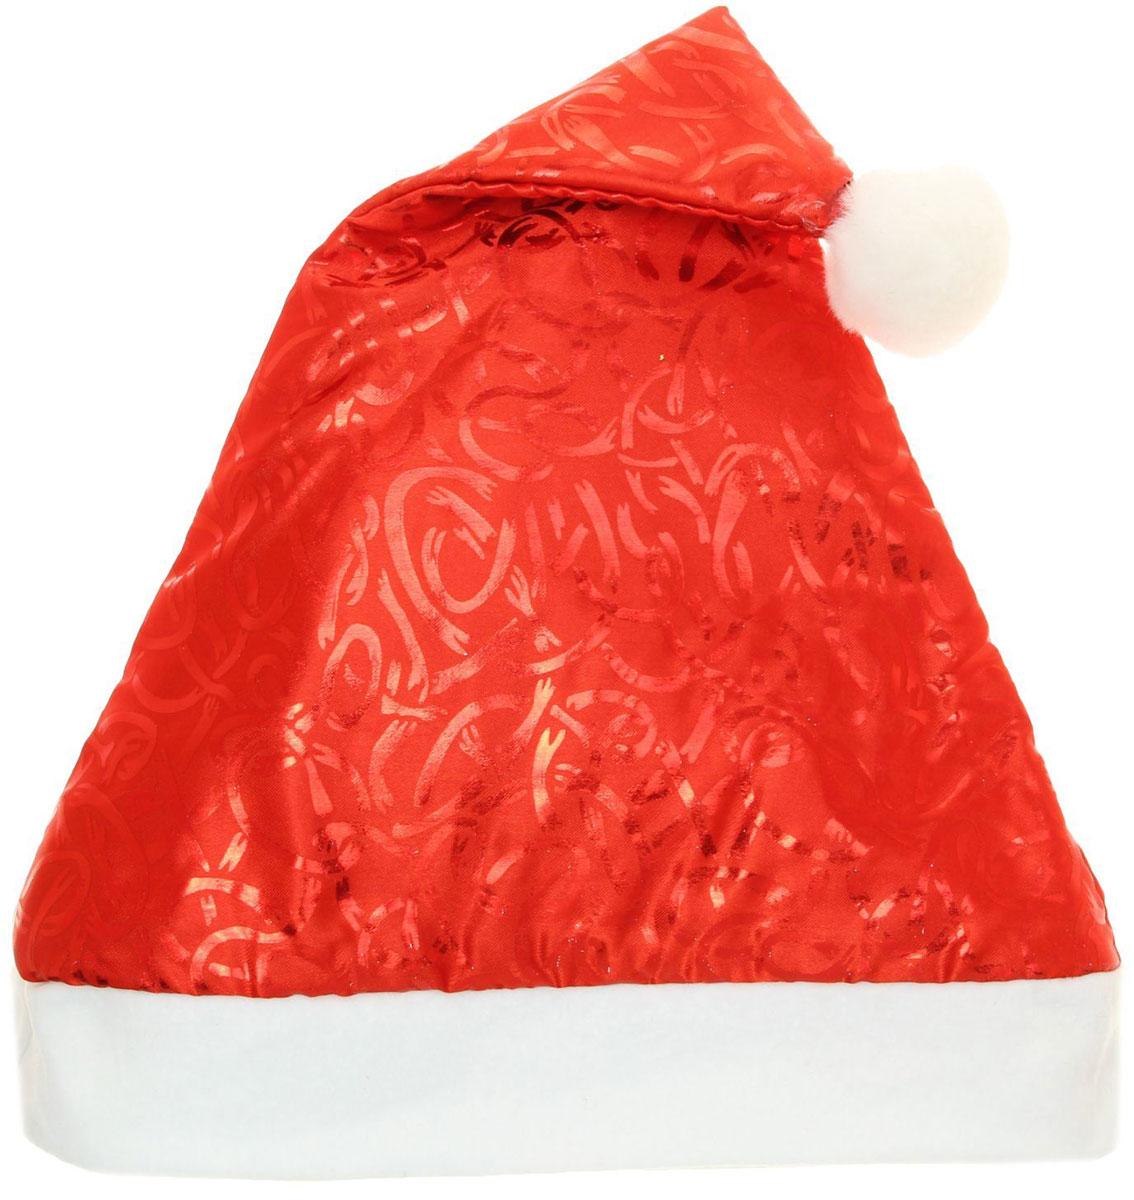 Колпак новогодний Серпантин, 28 х 40 см. 13906411390641Поддайтесь новогоднему веселью на полную катушку! Забавный колпак в секунду создаст праздничное настроение, будь то поздравление ребятишек или вечеринка с друзьями. Размер изделия универсальный: аксессуар подойдет как для ребенка, так и для взрослого. А мягкий текстиль позволит носить колпак с комфортом на протяжении всей новогодней ночи.